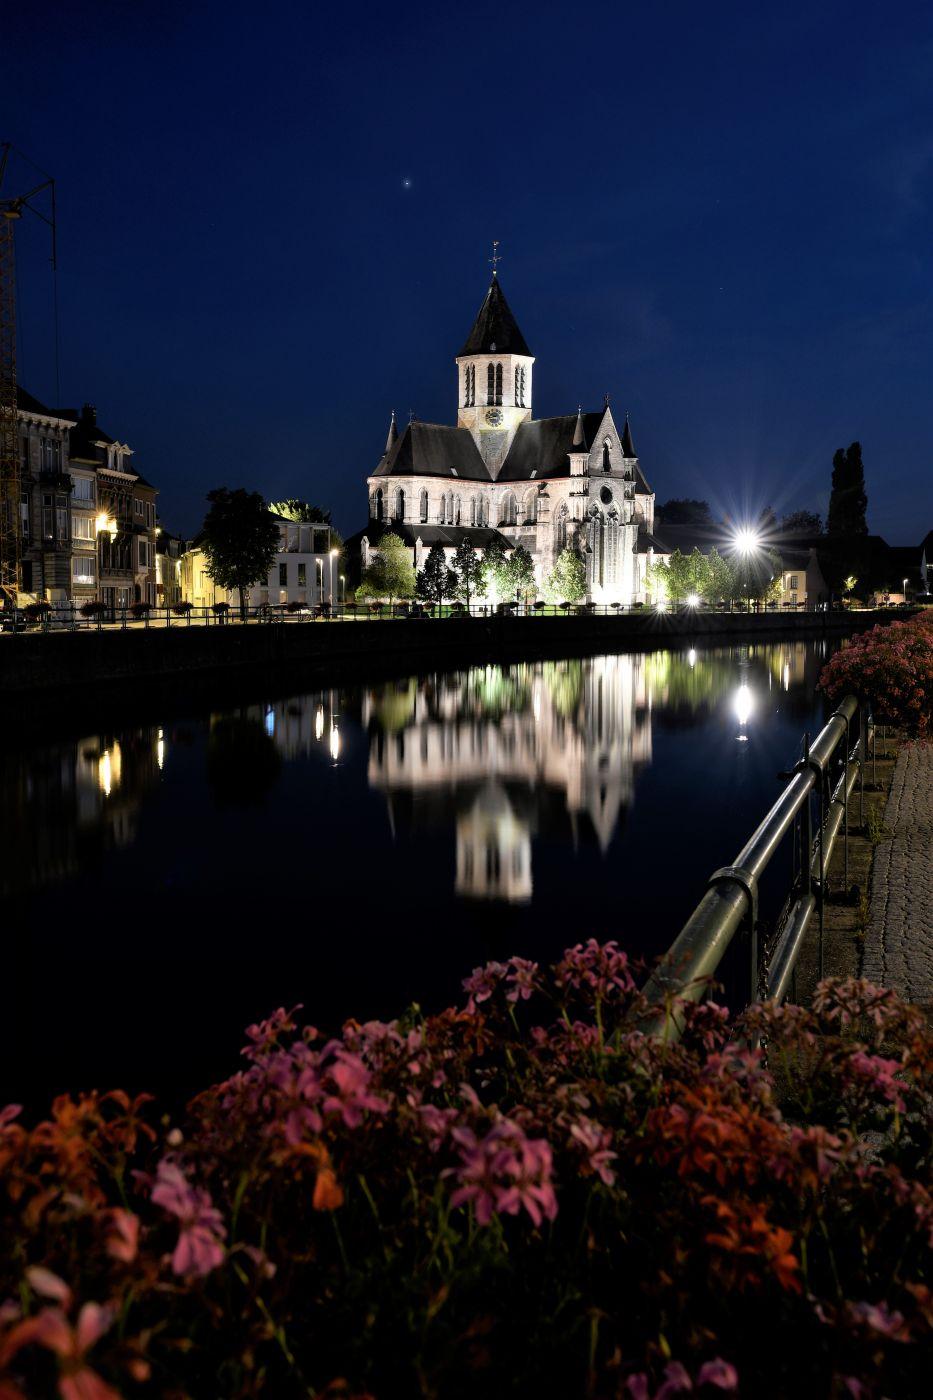 Scheldt Oudenaarde Onze-Lieve-Vrouwekerk Marketsquare, Belgium